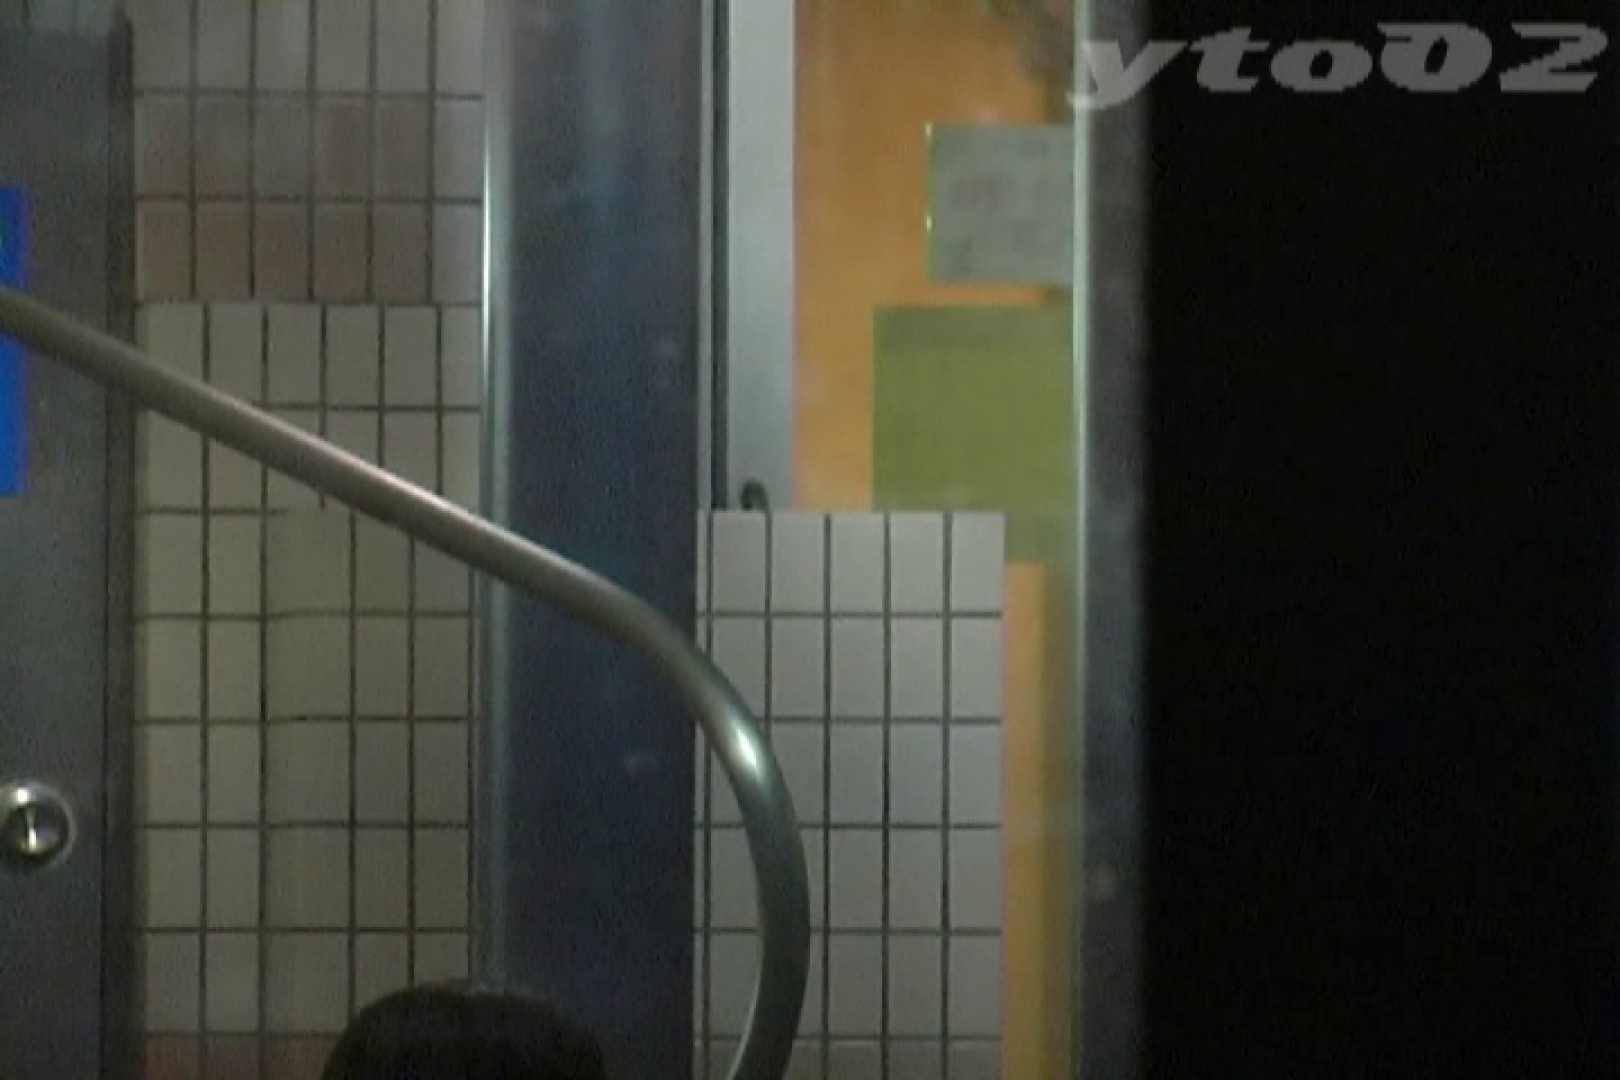 【期間限定配信】合宿ホテル女風呂盗撮 Vol.15 ホテルで絶頂 セックス画像 106画像 101